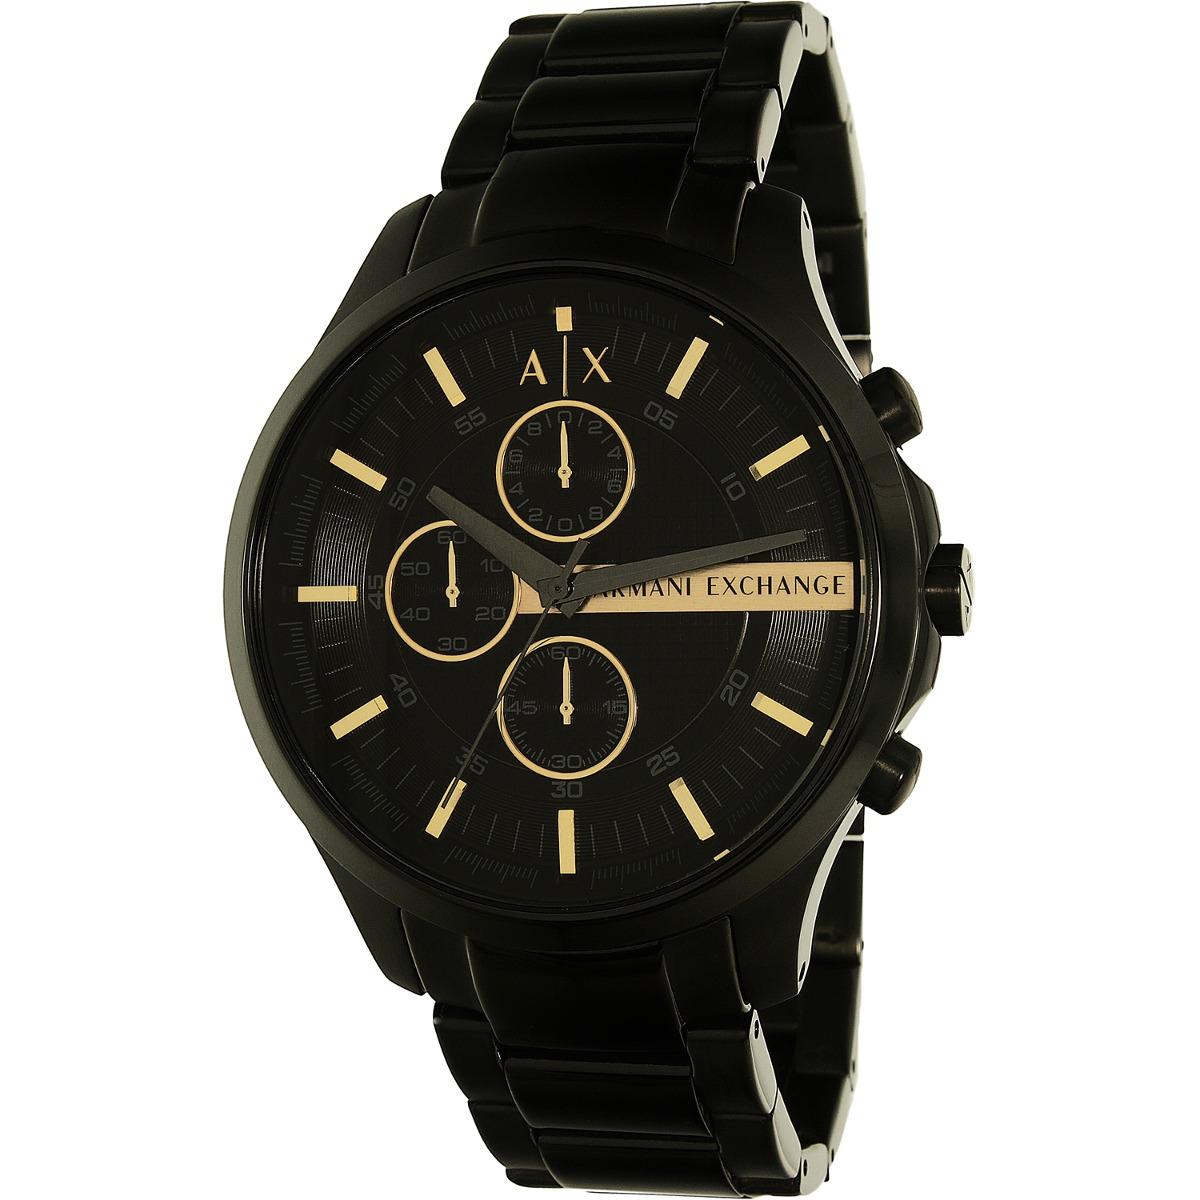 e88ec9864c89 reloj armani exchange para hombre ax2164 tablero negro con. Cargando zoom.